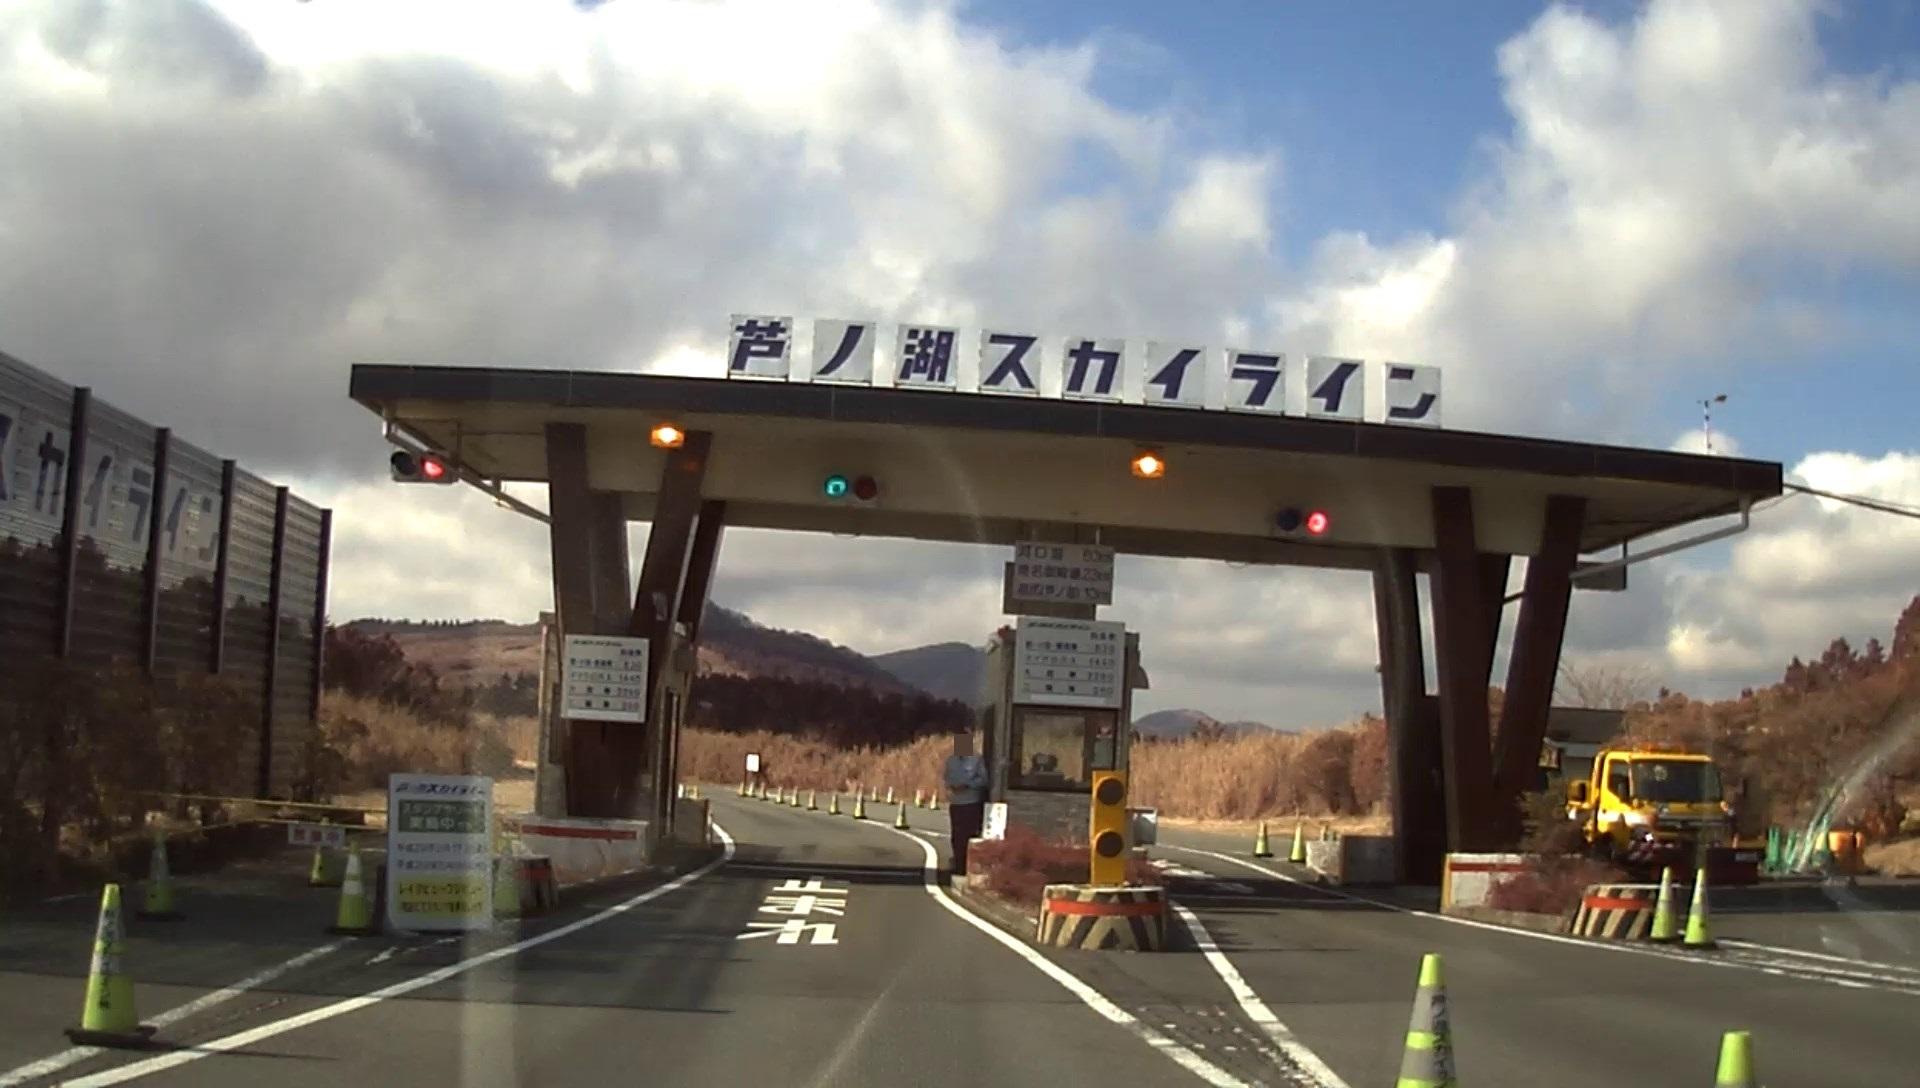 静岡・神奈川にある、うっとりする峠道・ワインディング